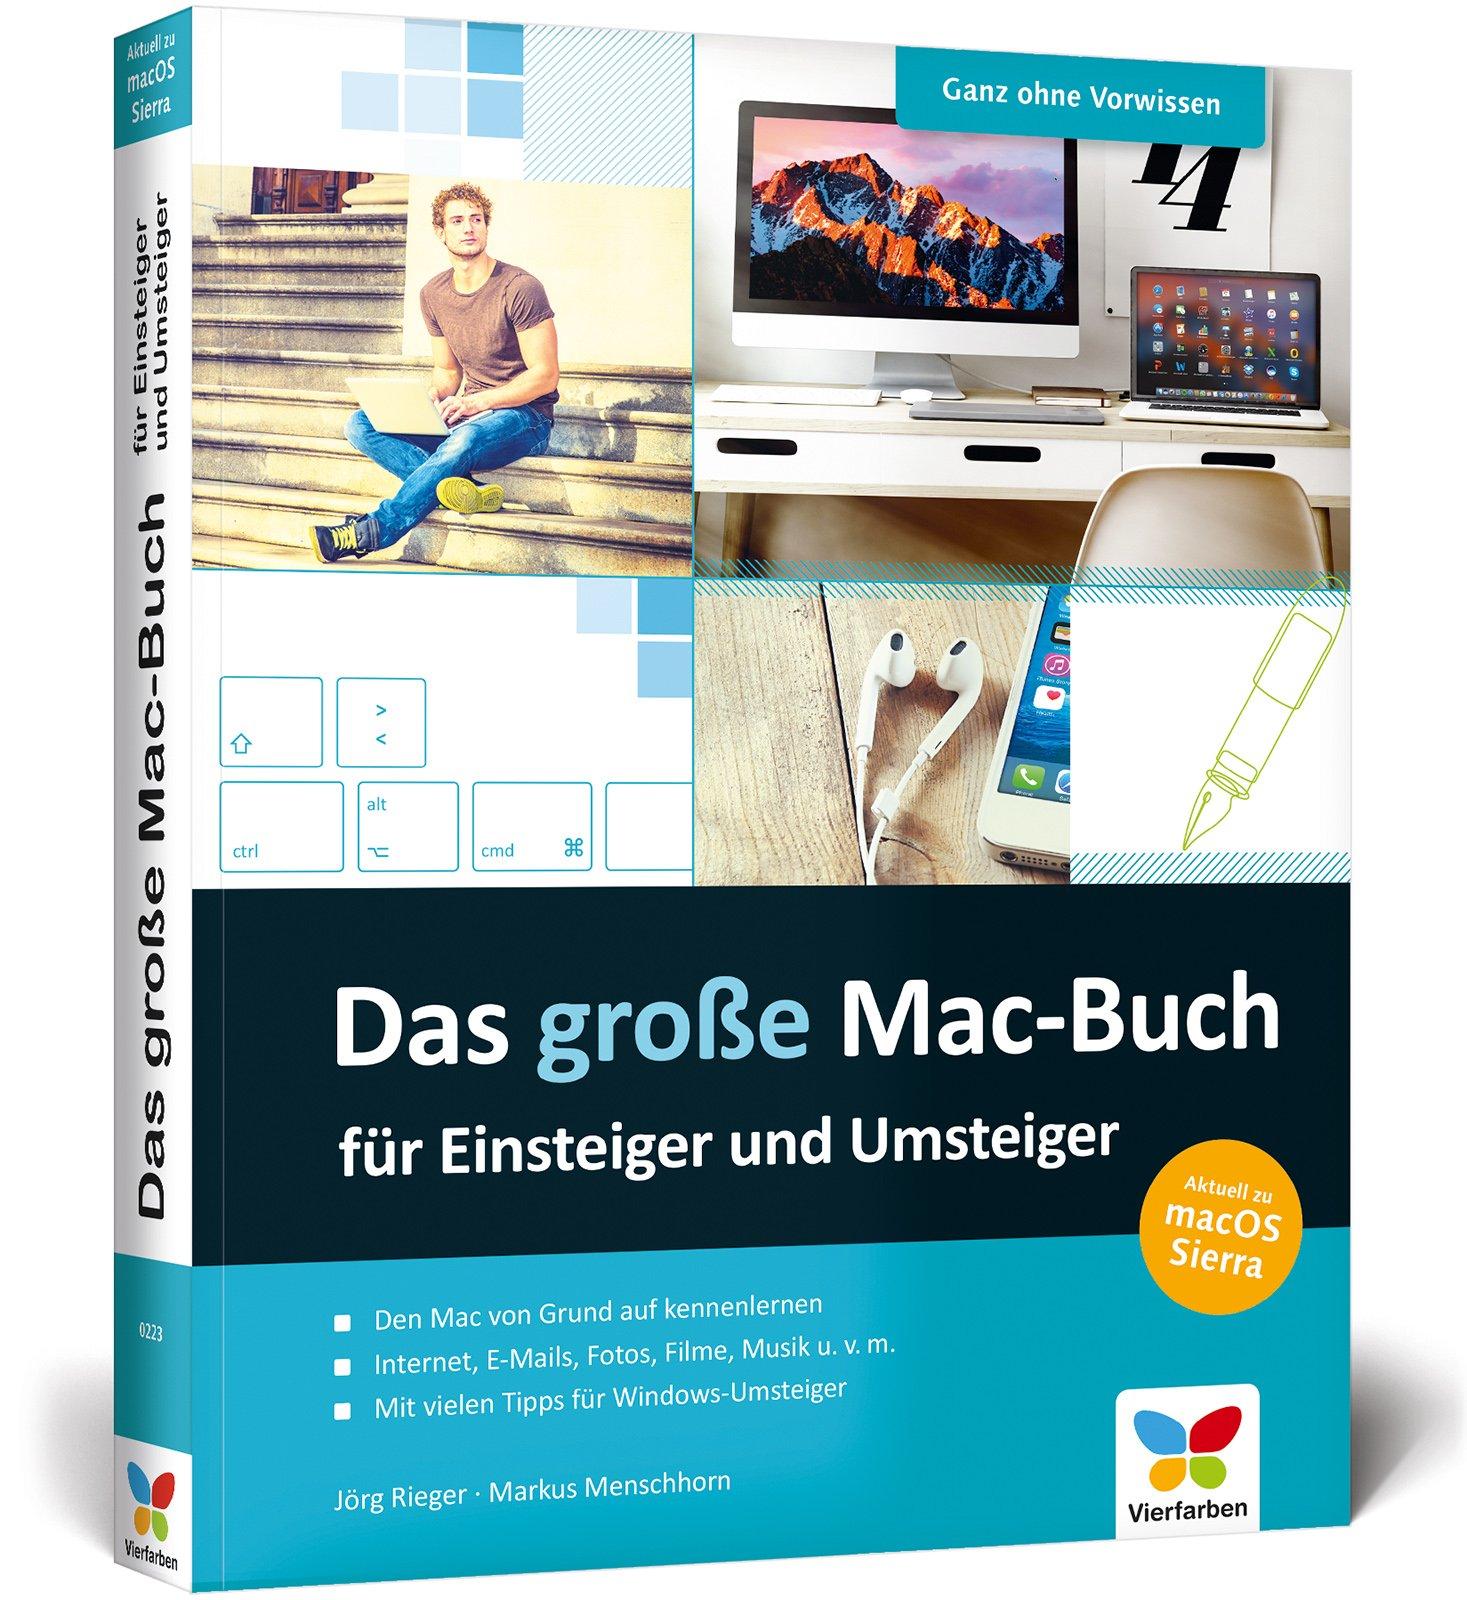 Das große Mac-Buch für Einsteiger und Umsteiger: aktuell zu macOS Sierra. Internet, Multimedia, Fotos, Siri, Videotelefonie u. v. m. Kein Vorwissen nötig!